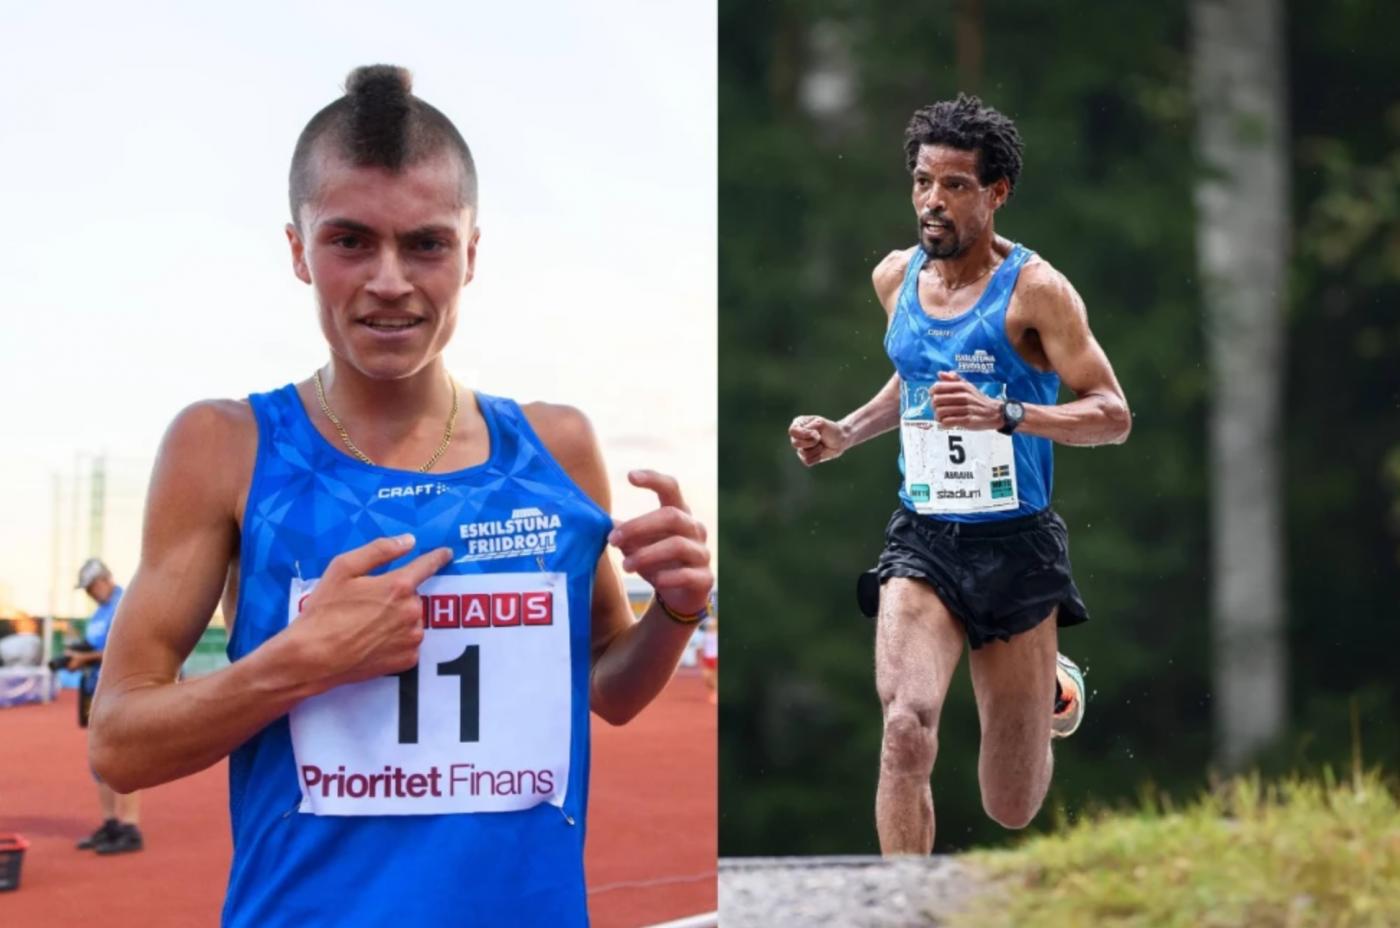 Två från Eskilstuna  Friidrott uttagna till VM i Halvmaraton i Gedynia, Polen 17 oktober